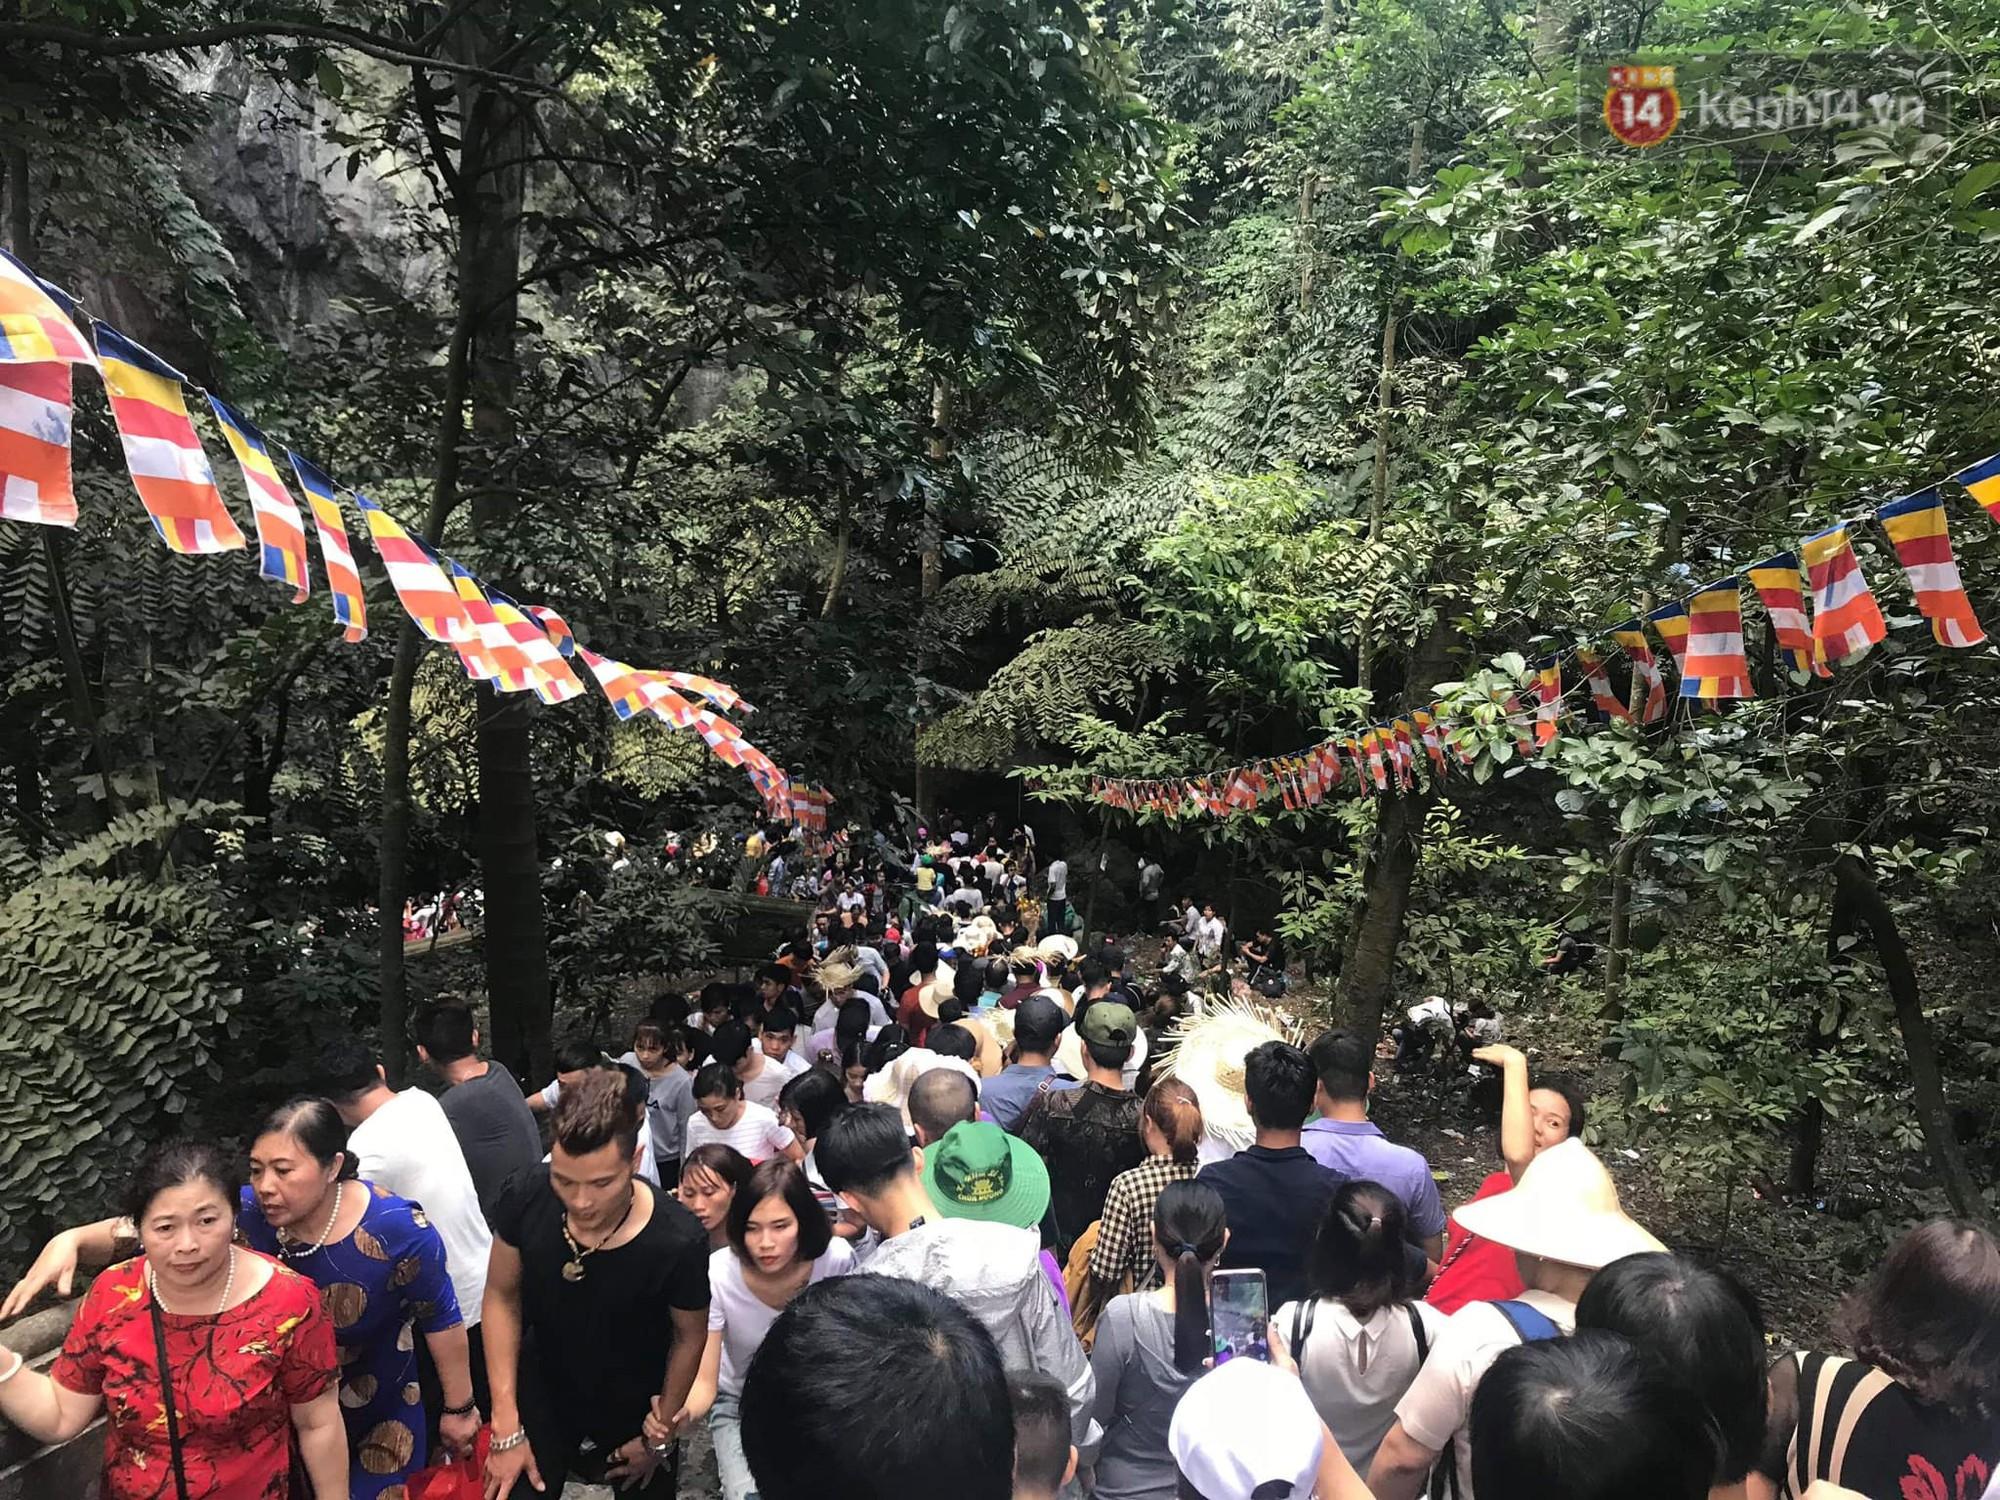 Ảnh: Mệt mỏi vì chen lấn giữa hàng vạn người dù chưa khai hội chùa Hương, nhiều em nhỏ ngủ gục trên vai mẹ-13